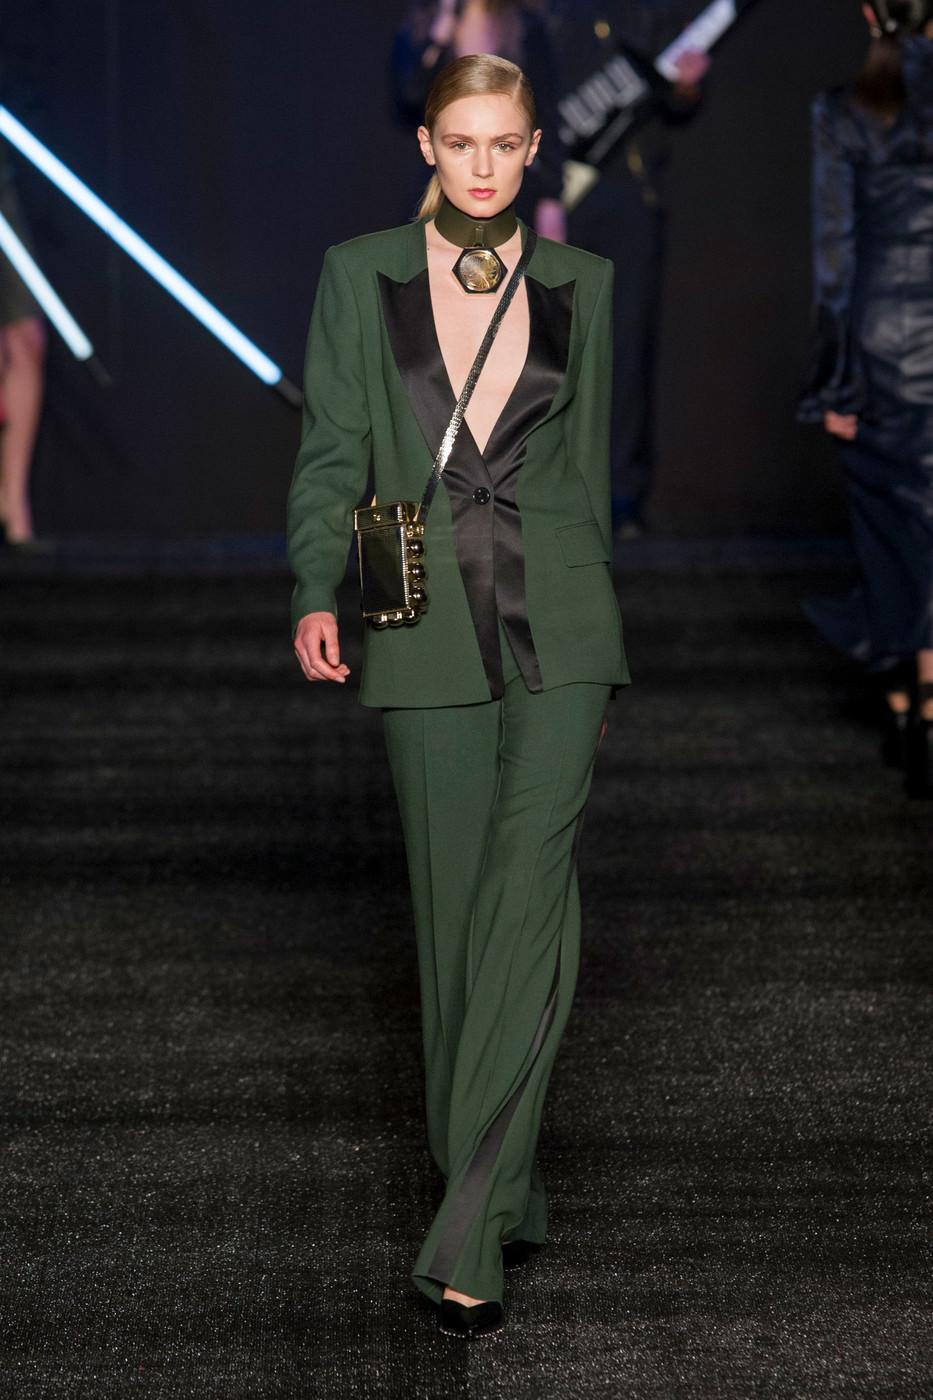 мода 2019-2020 года фото в женской одежде: зеленый брючный костюм